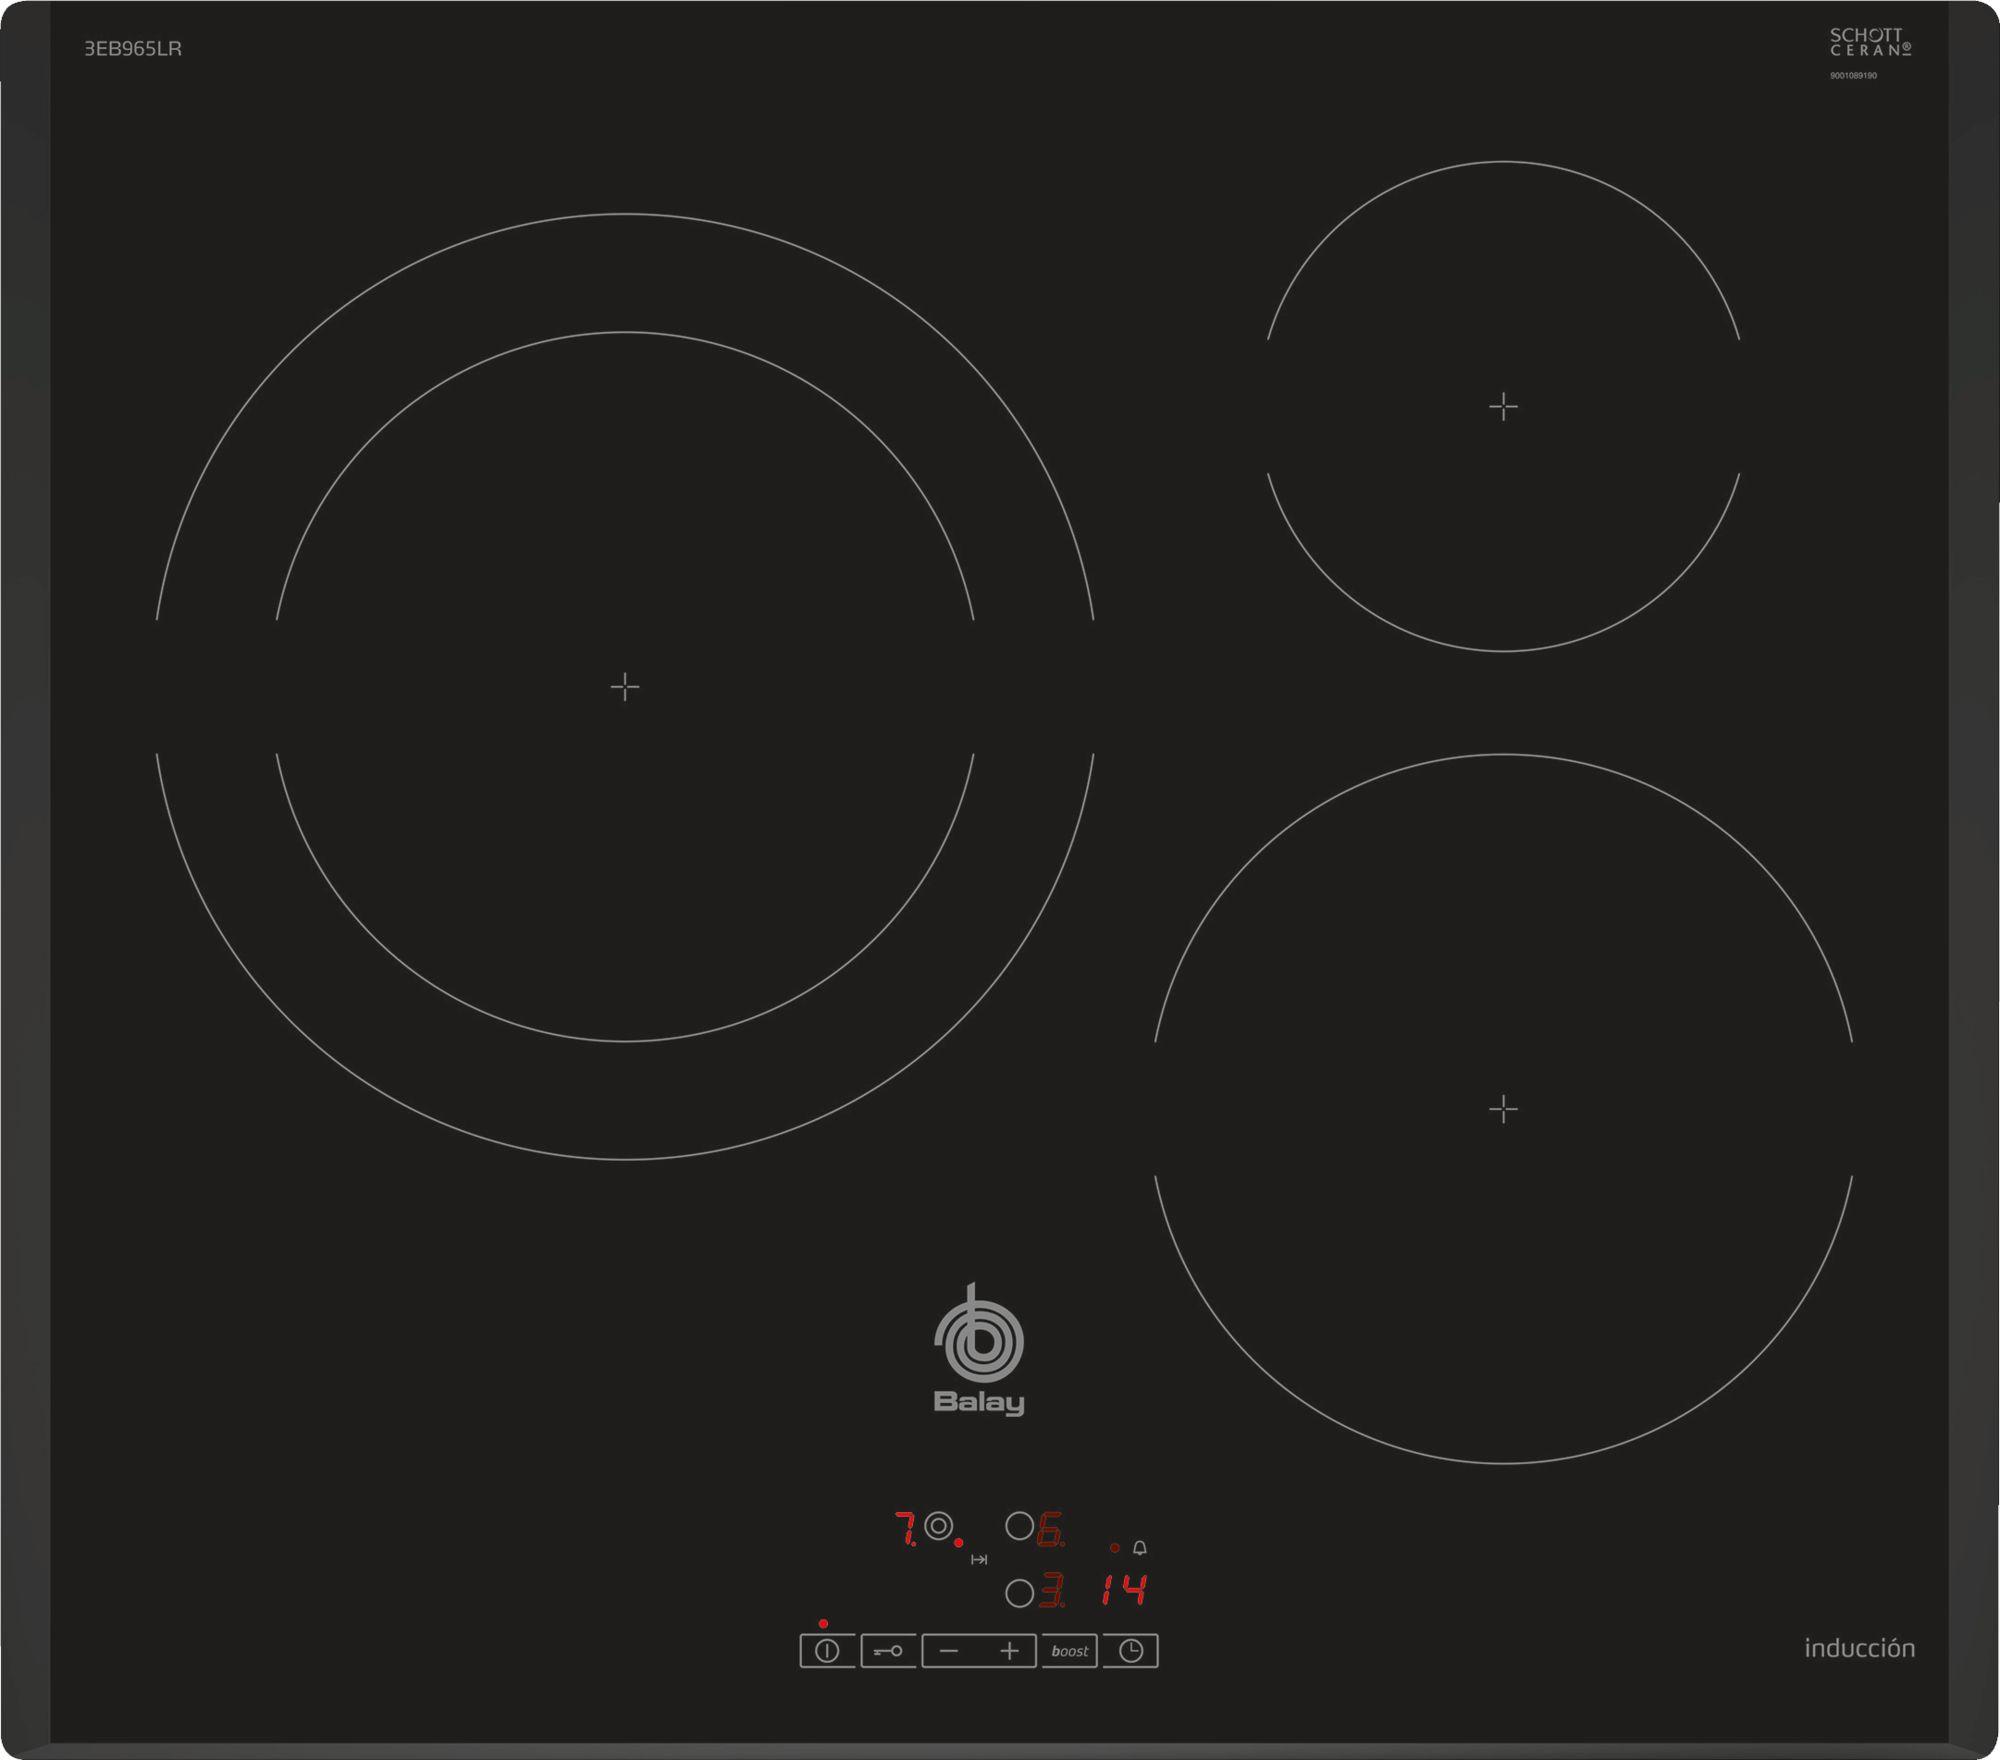 Imagen de Placa de inducción Balay 3EB965LR